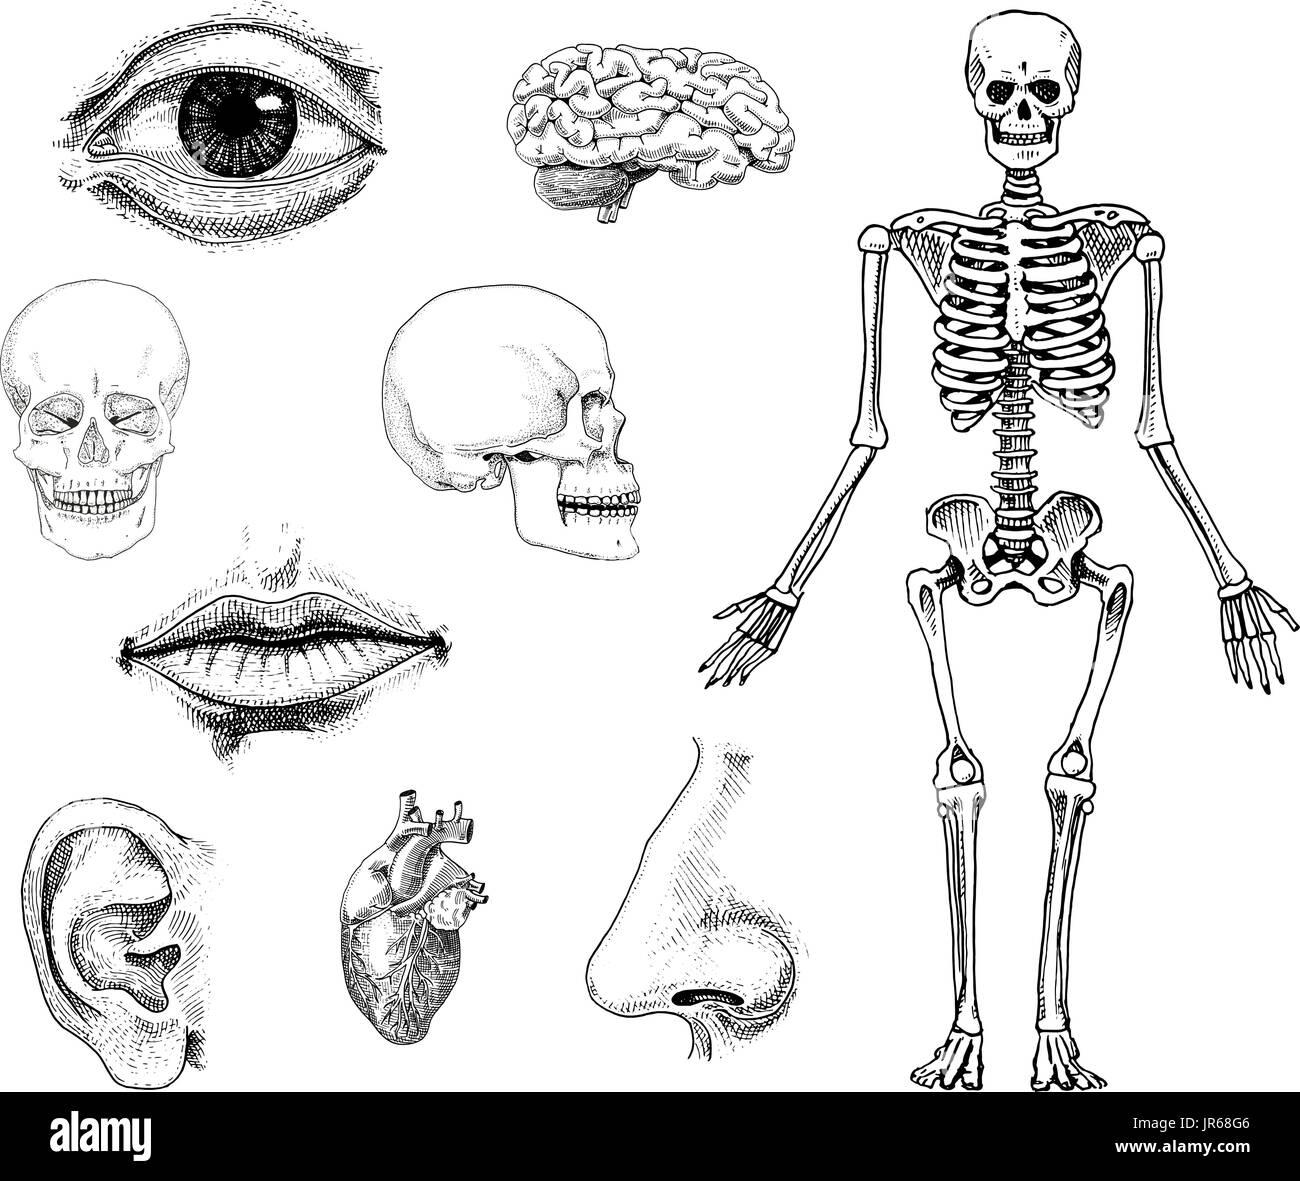 Beste Anatomie Des Körpers Knochen Galerie - Menschliche Anatomie ...